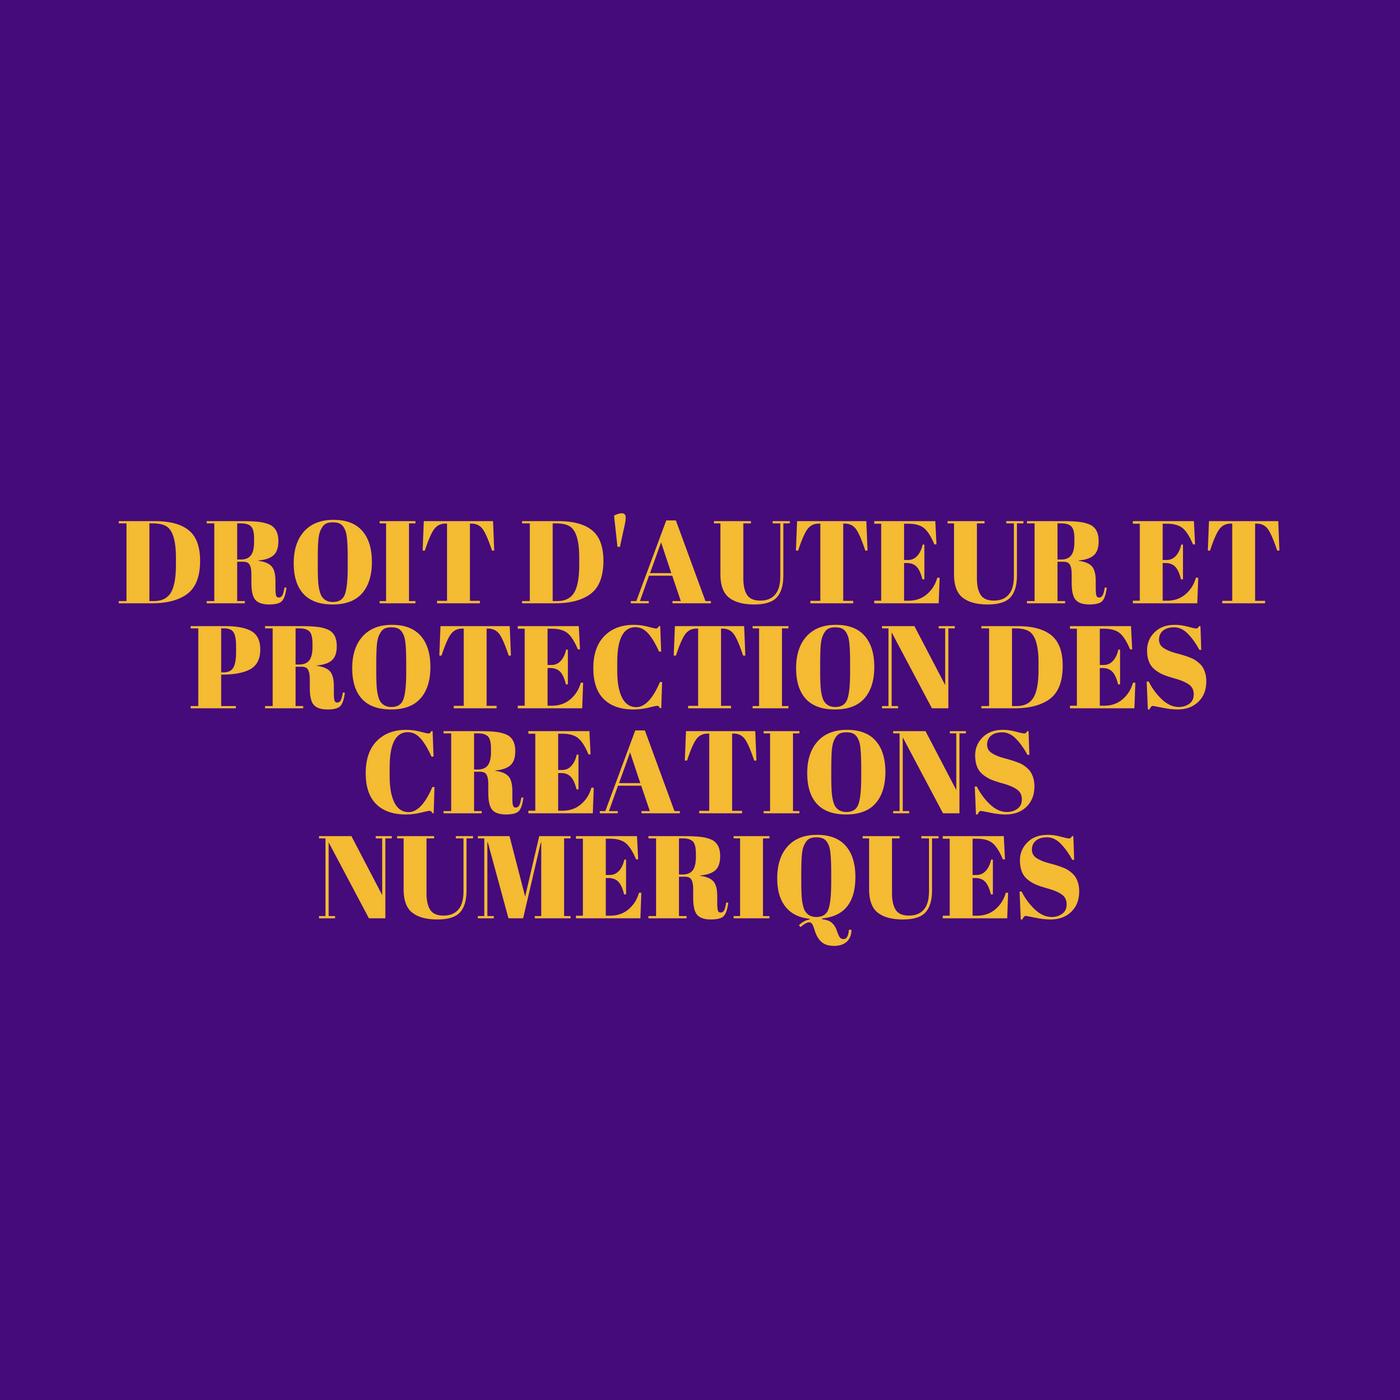 Droit d'auteur et protection des créations numériques